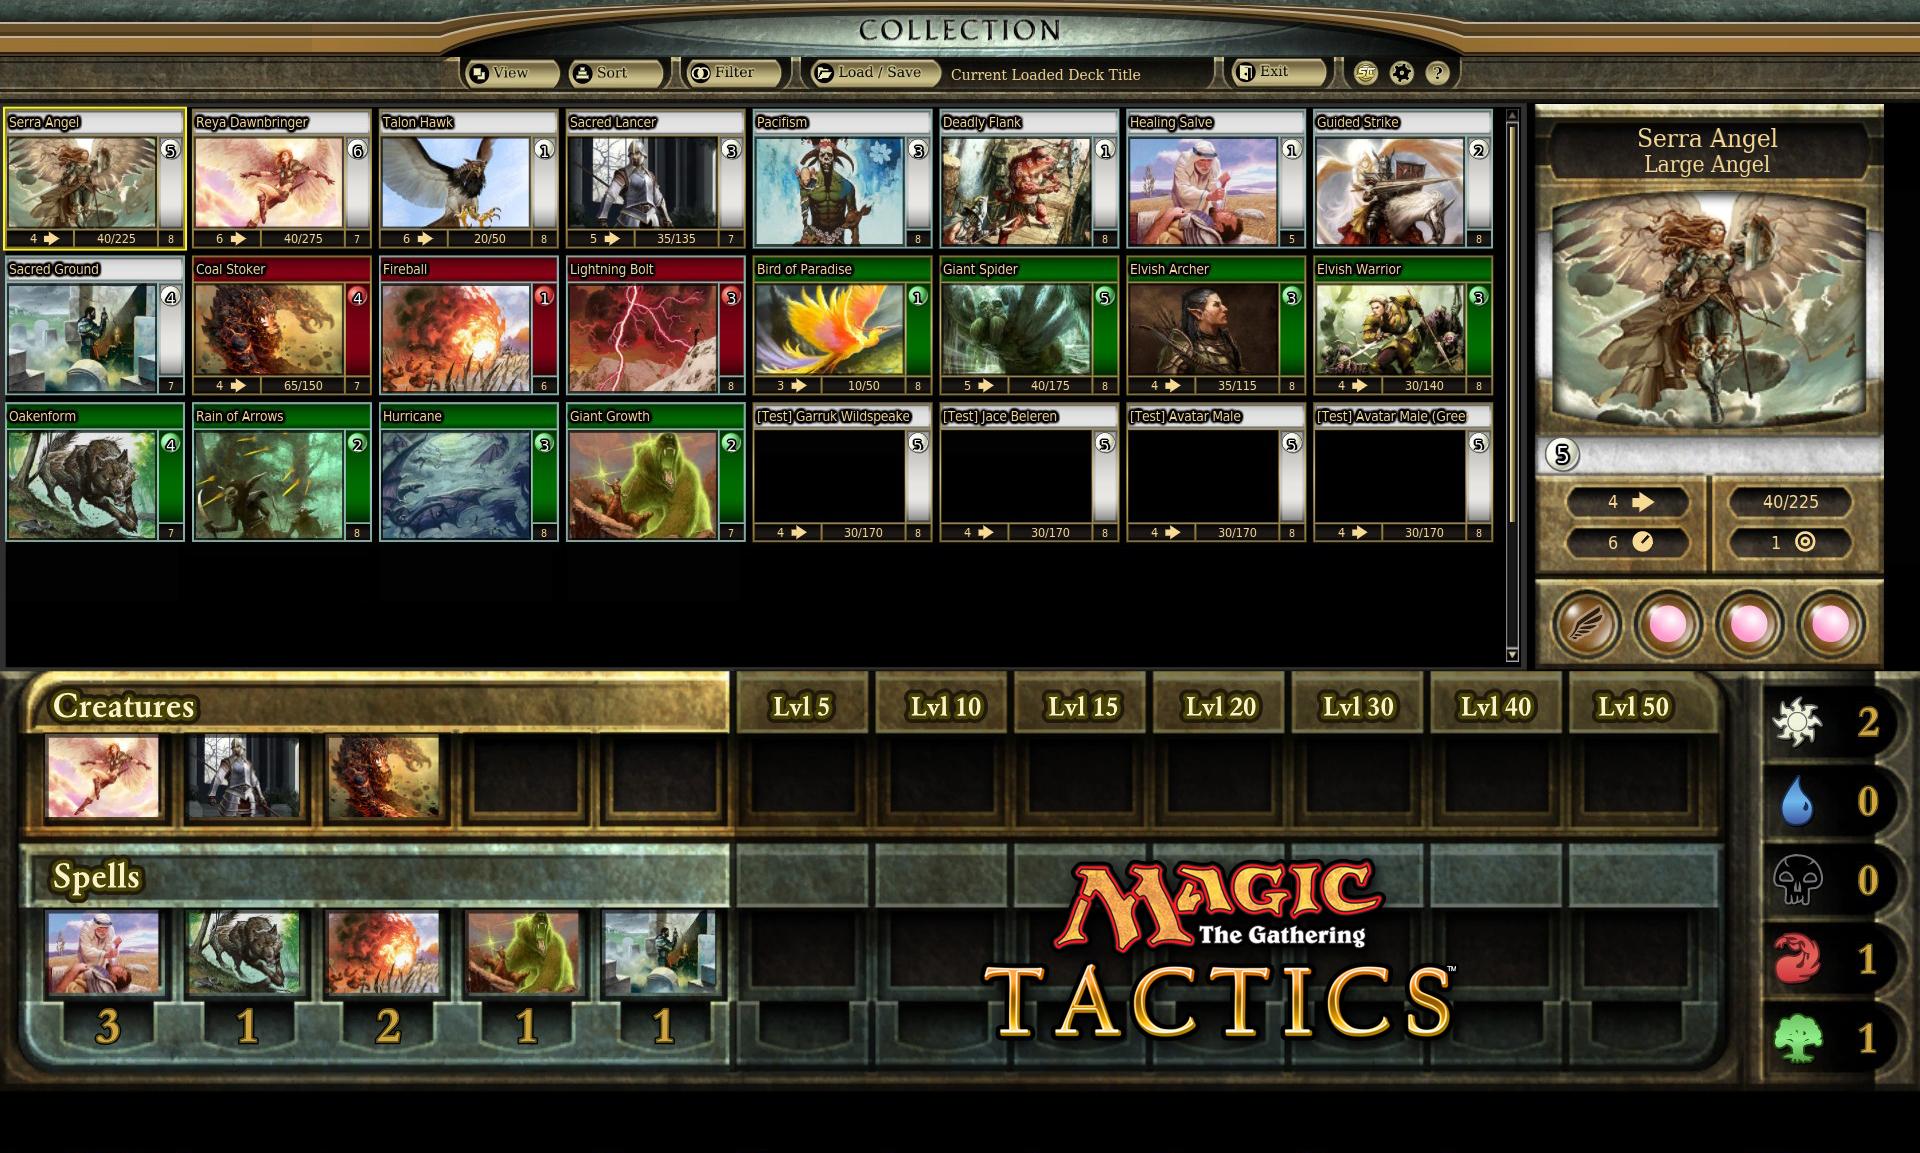 e3 2010 トレーディングカードゲーム マジック ザ ギャザリング の